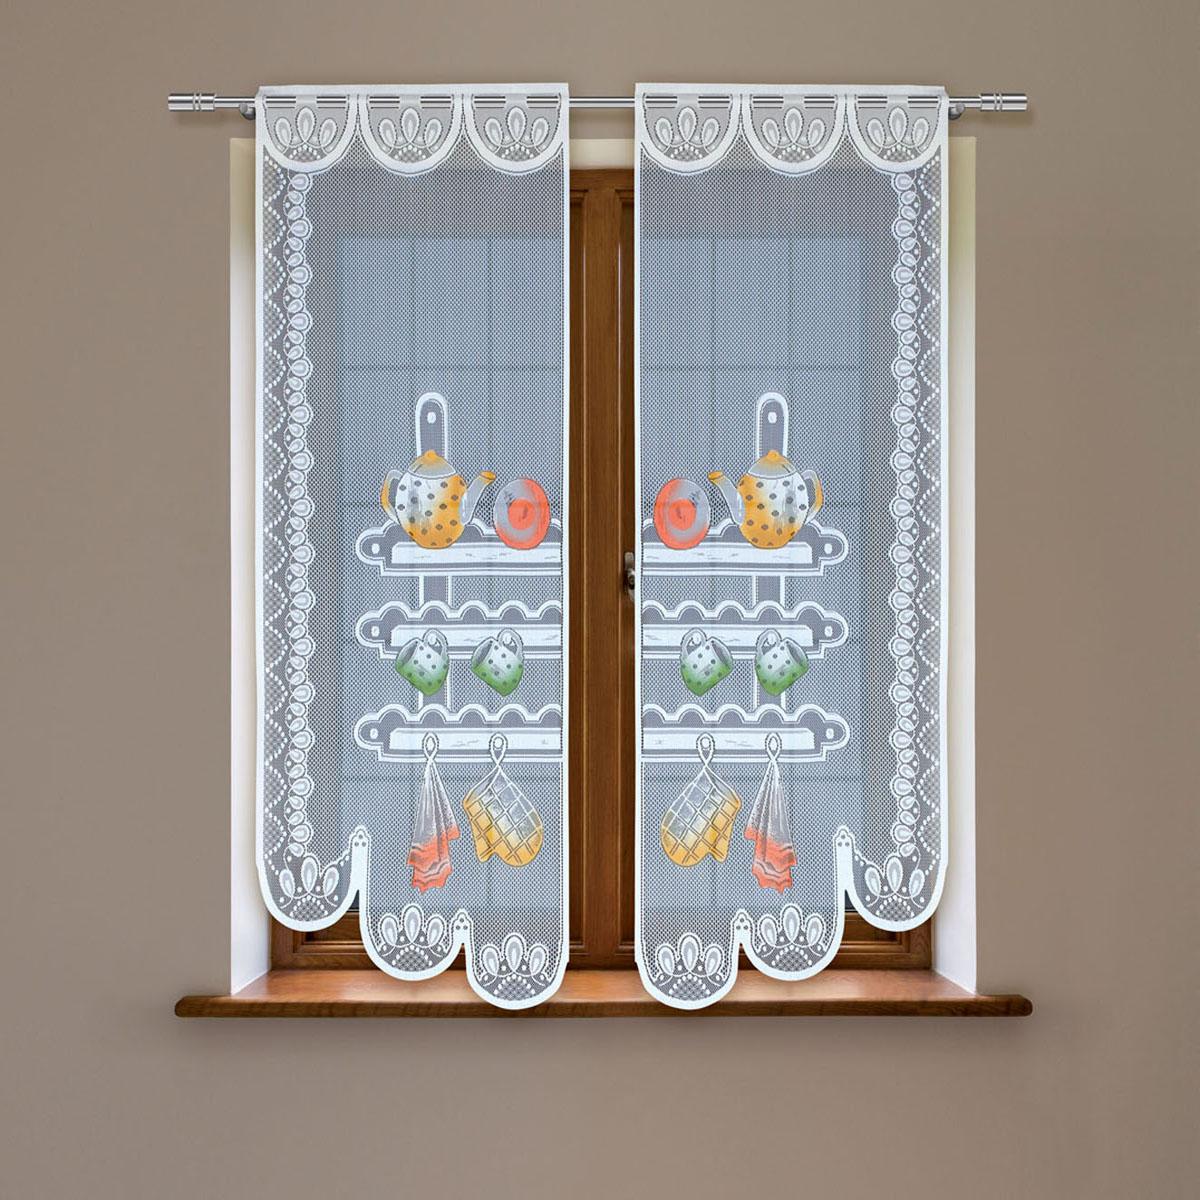 Гардина Haft, цвет: белый, высота 160 см. 8603С/6088872Гардина имеет в верхней части полотна прорези, через которые гардина-витраж вывешивается на карниз или можно крепить на зажим для штор,котрый в комплект не входит.Комплект состоит из двух полотен (выс.160* шир.60) Размеры: (высота 160* ширина 60)*2